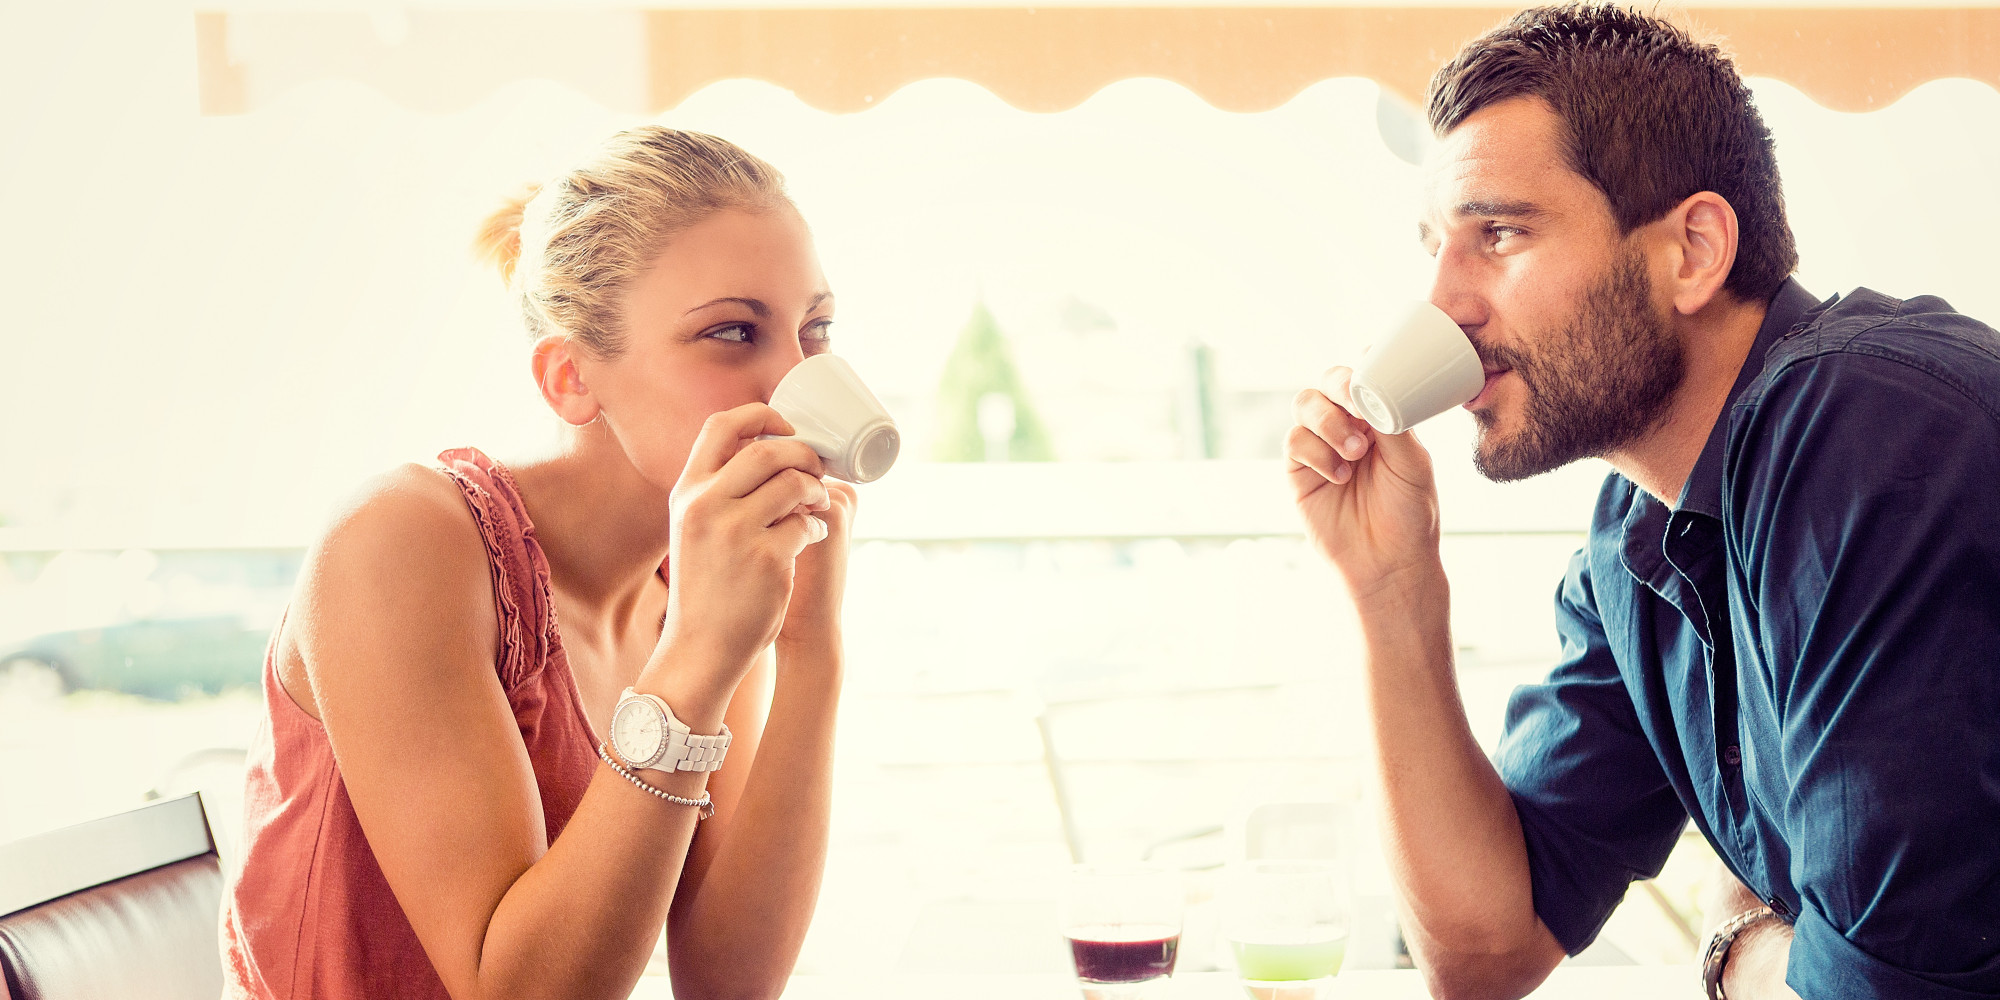 11-dieu-quan-trong-trong-mot-moi-quan-he2-elleman 10 điều quan trọng cần vung đắp trong một mối quan hệ